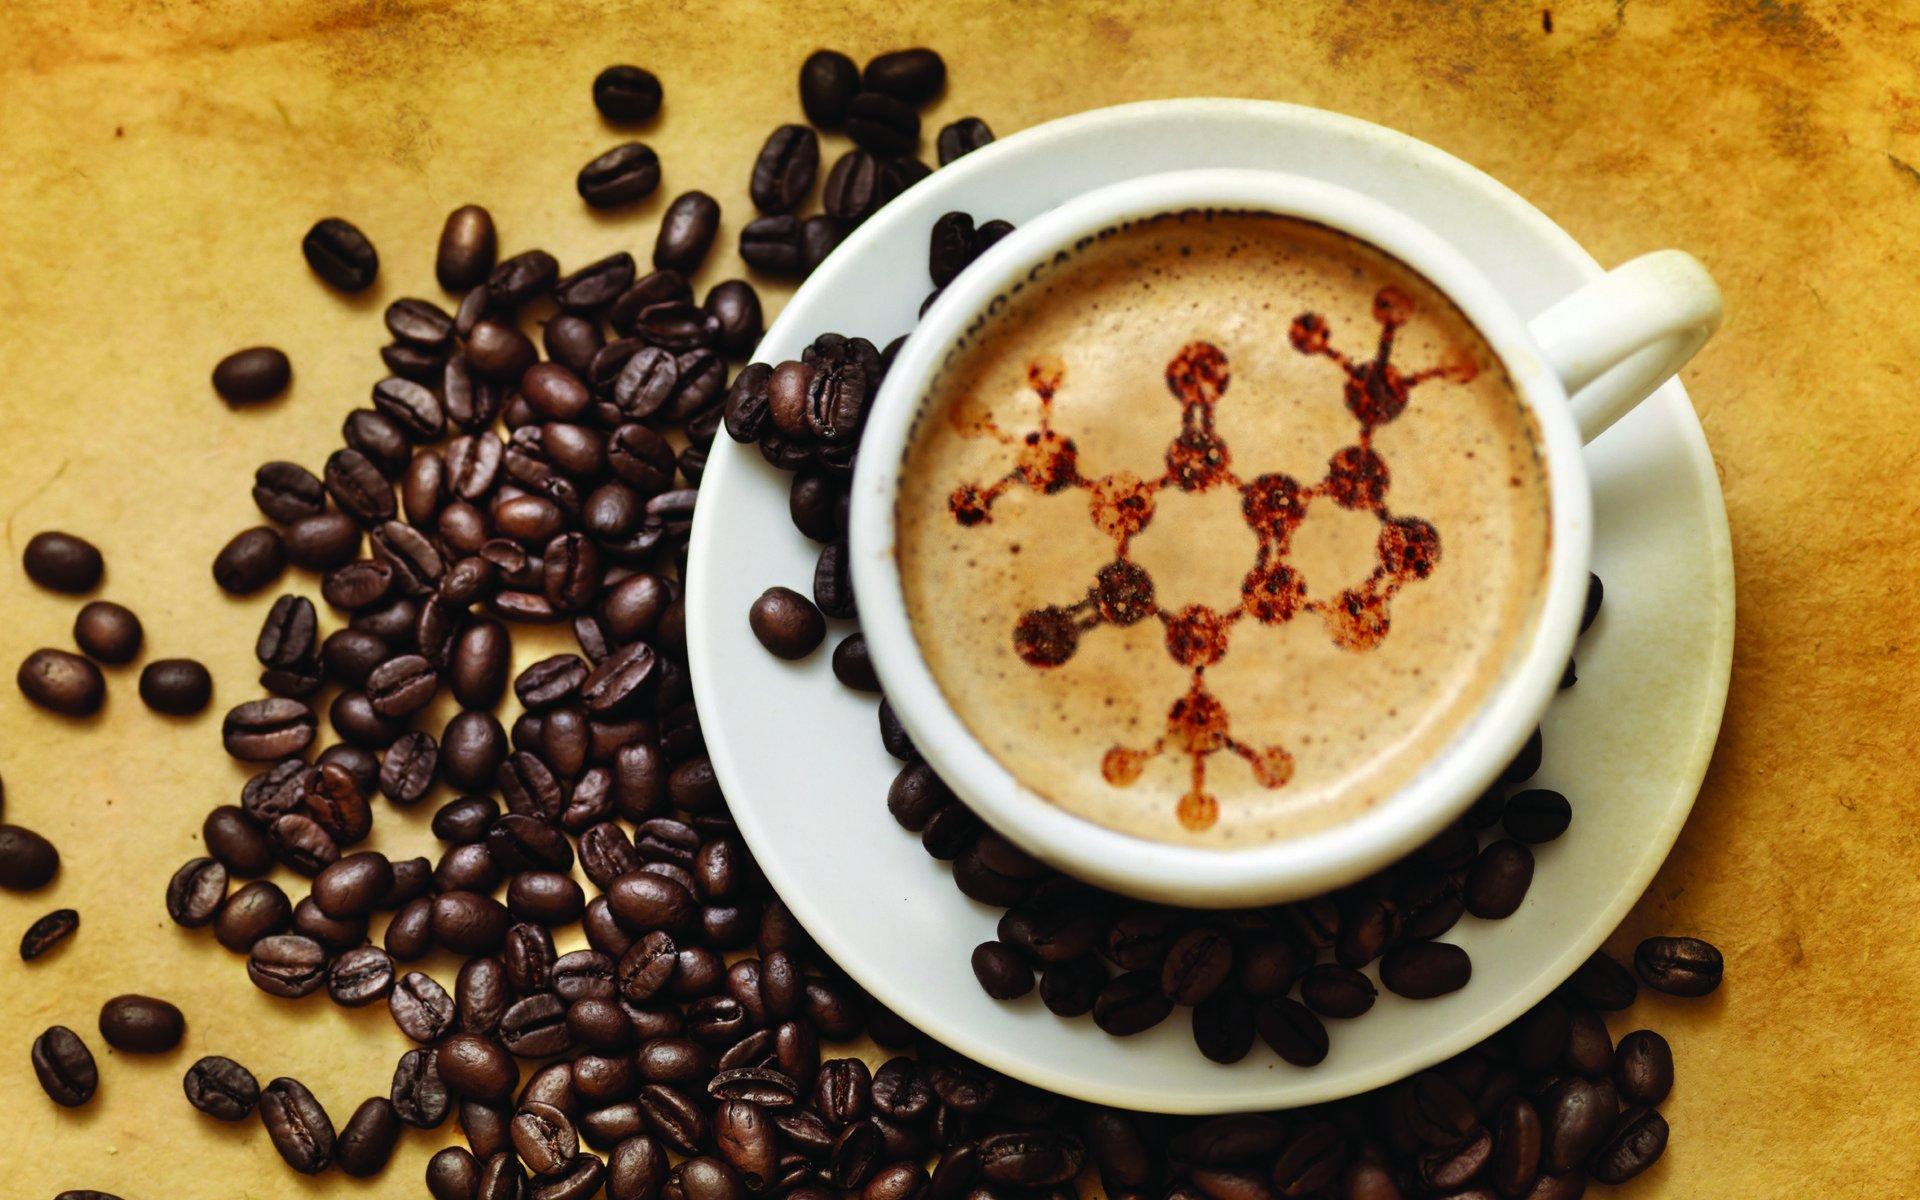 Кофе зерна чашка  № 2172411 загрузить